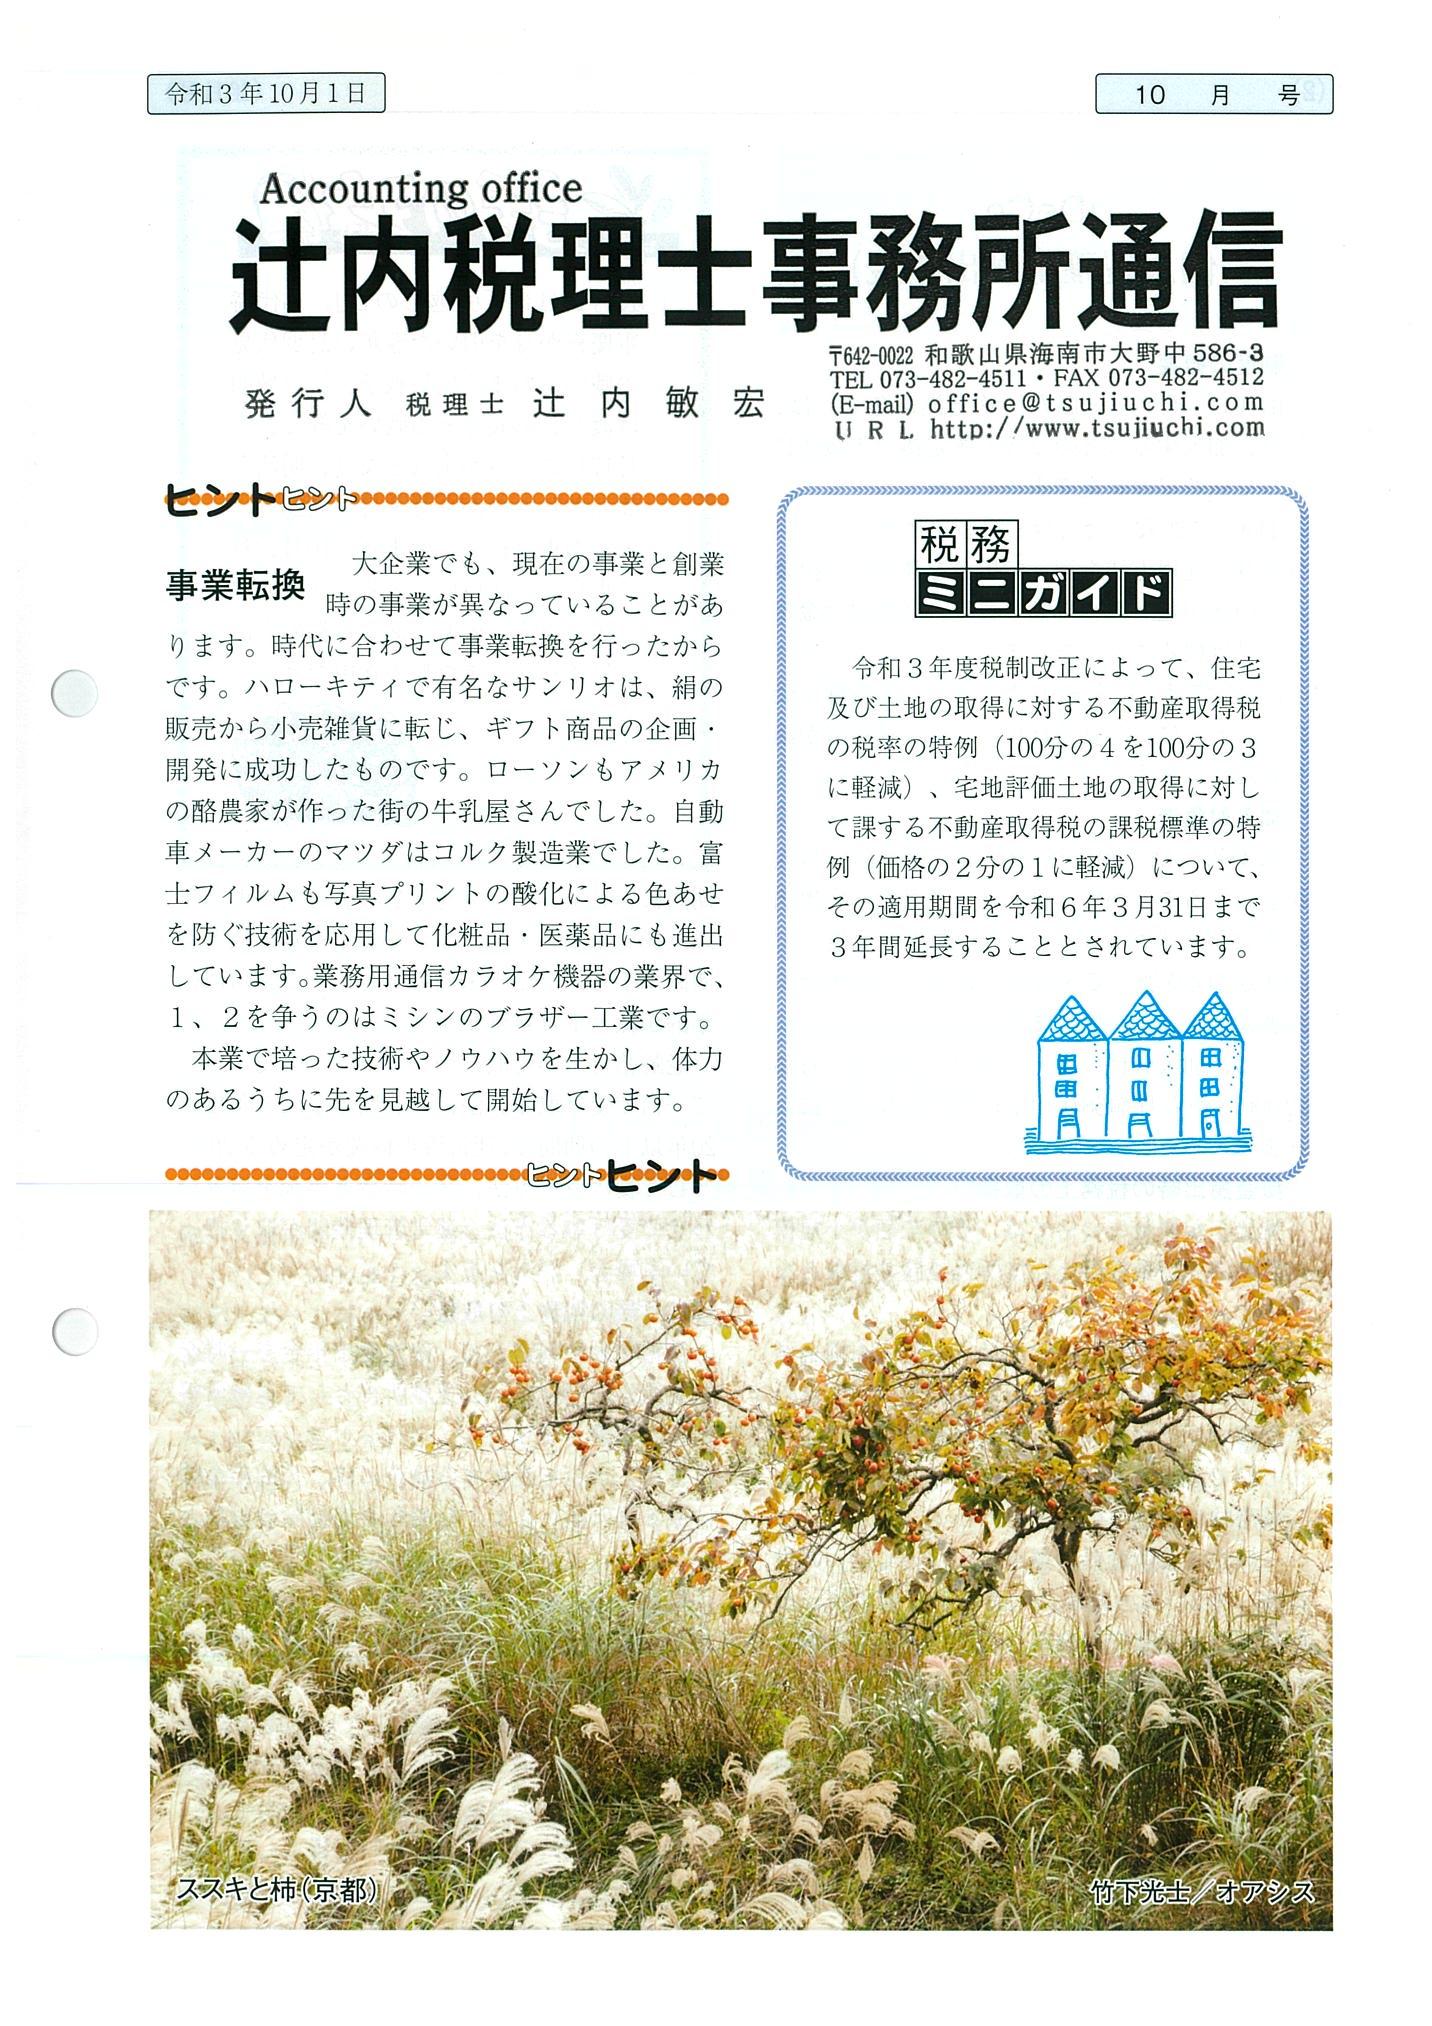 税理士事務所通信10月号ページ1